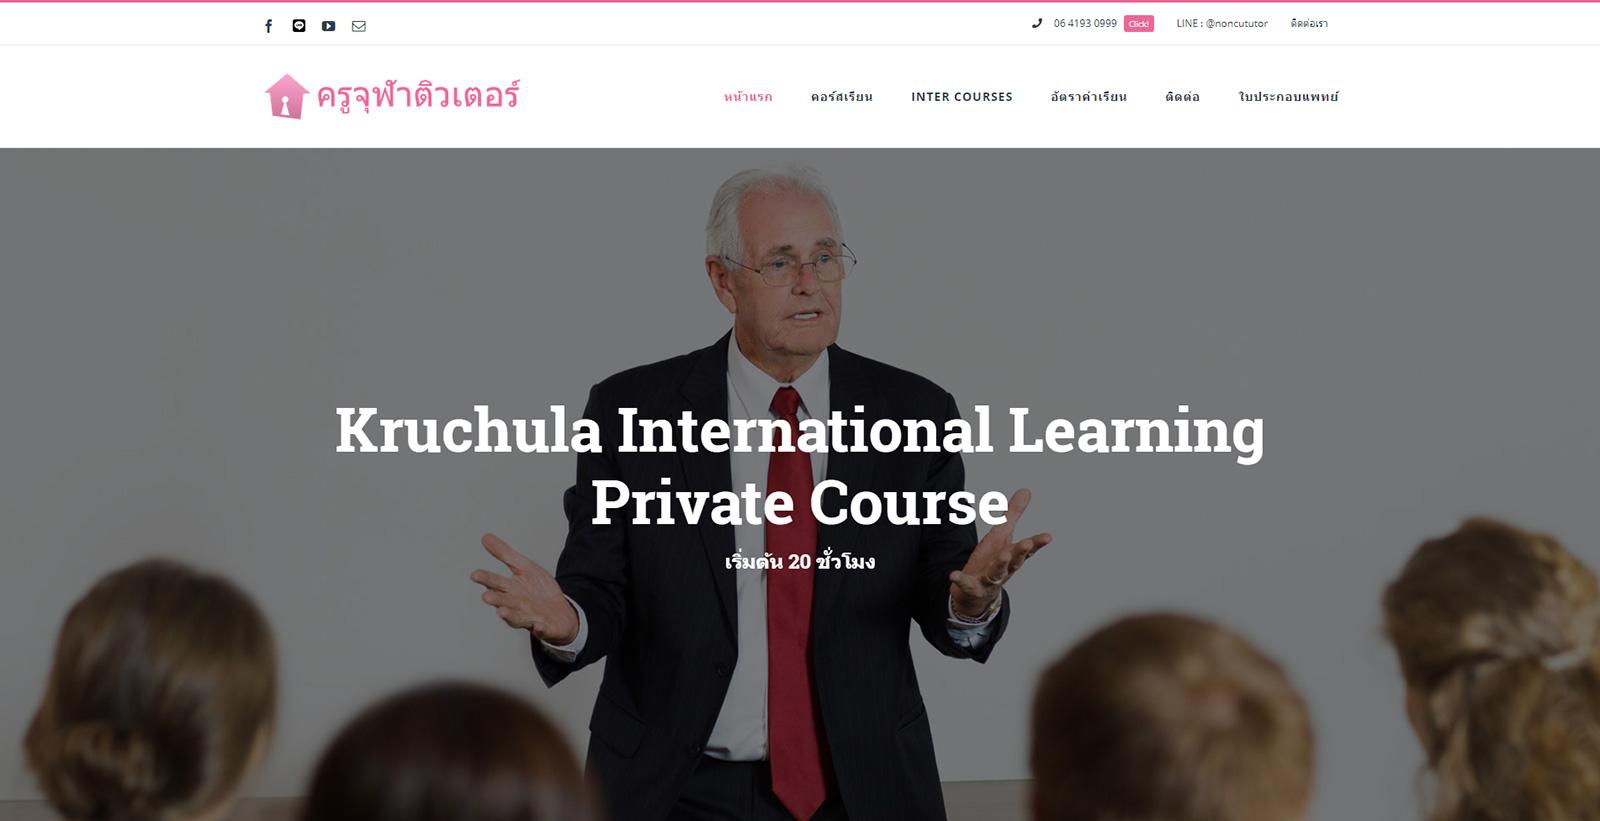 เว็บไซต์ KruChula Tutor (บริการที่ใช้ : รับสร้างเว็บไซต์) ขนาดหน้าจอ Notebook